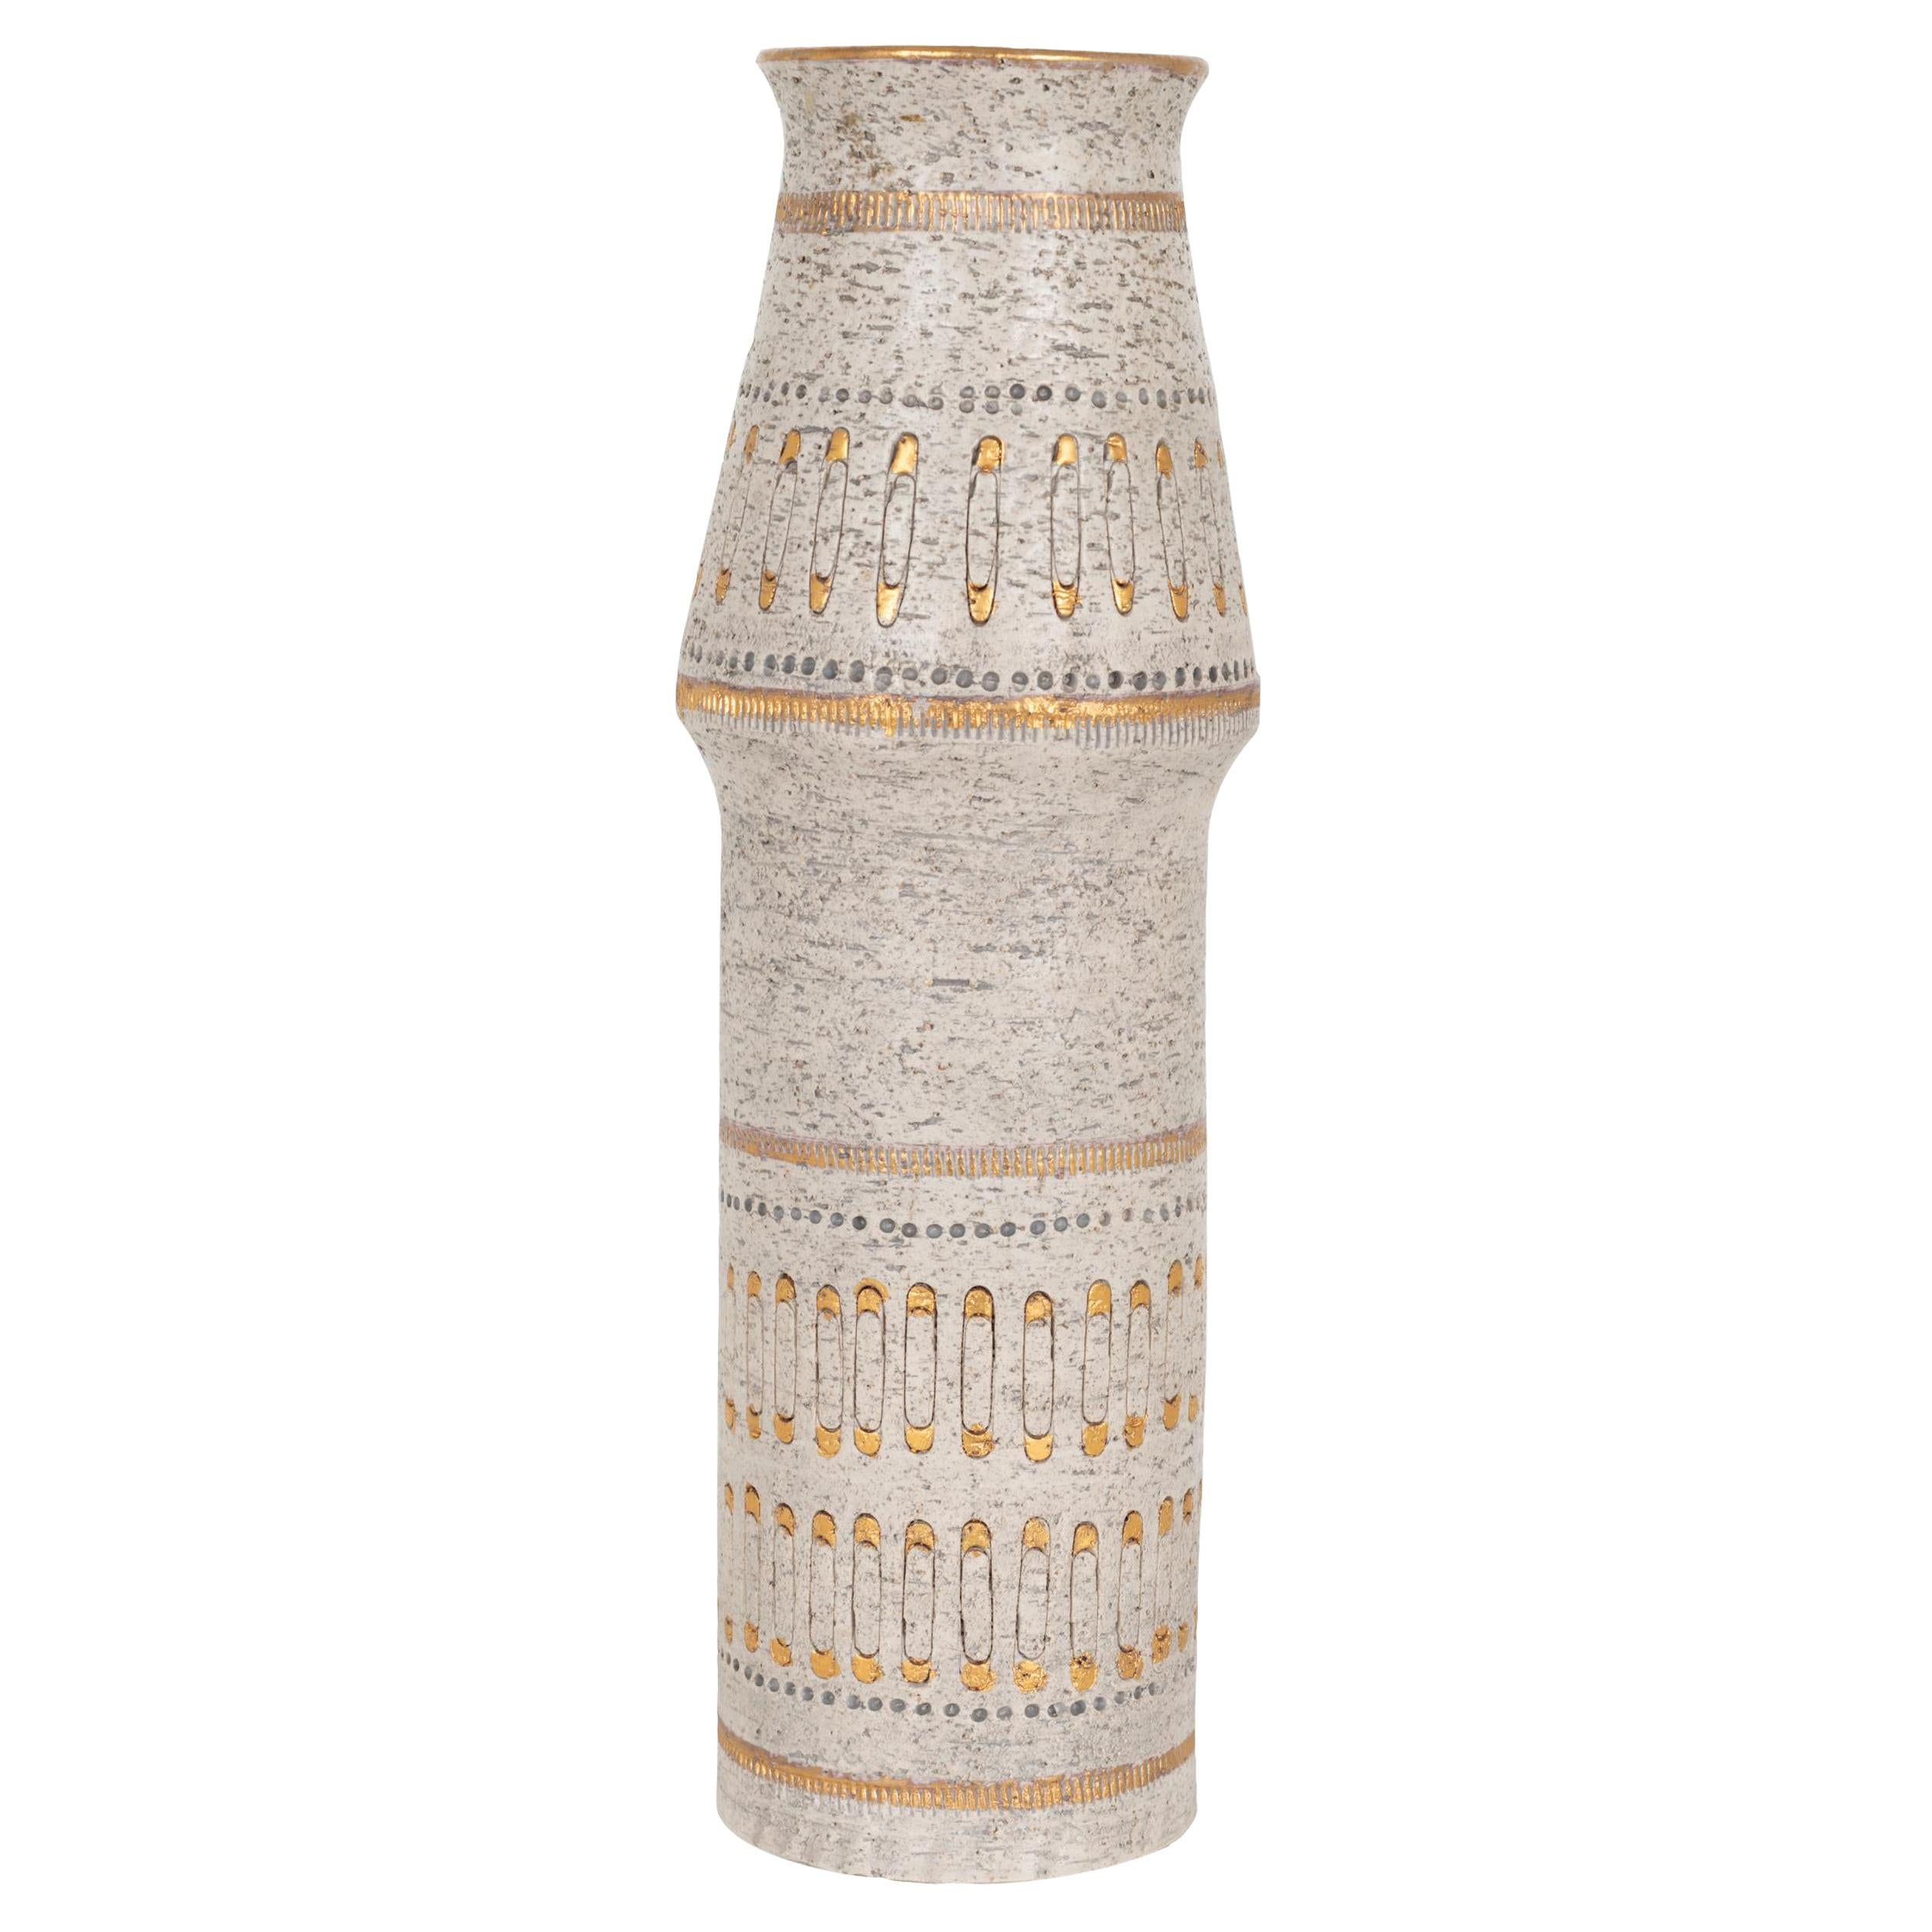 Raymor White and Gold Italian Vase